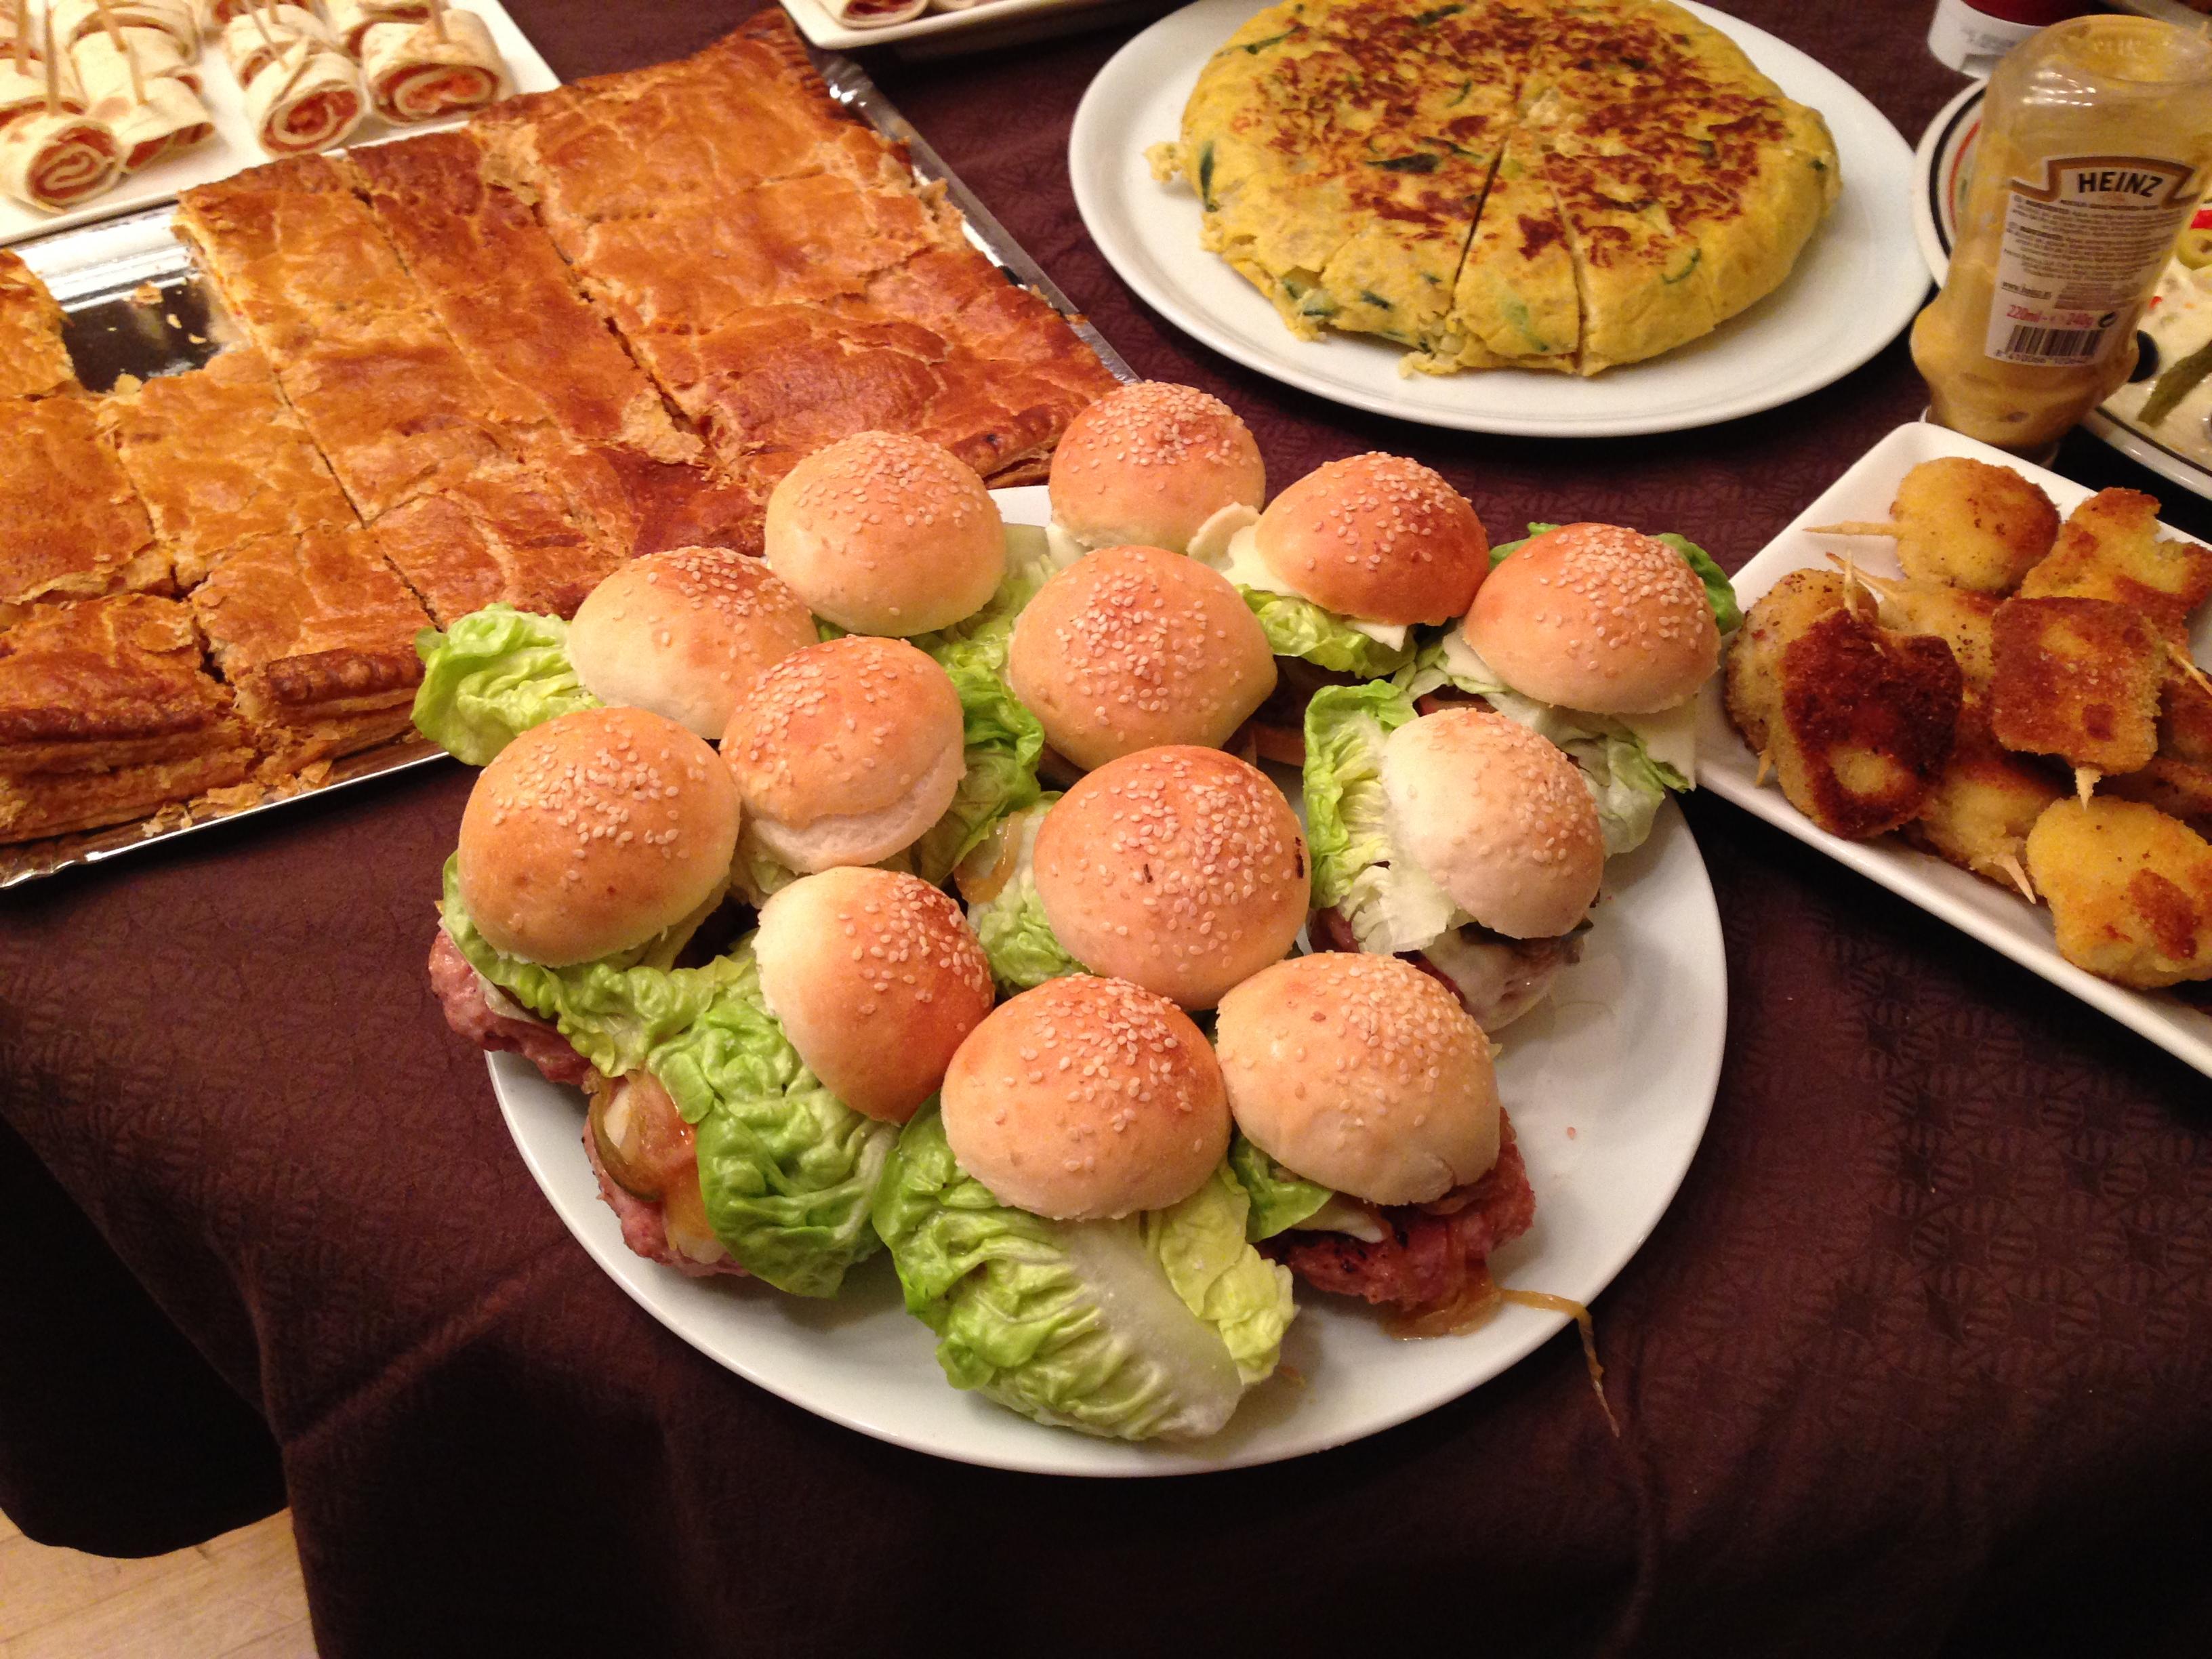 hamurguesas